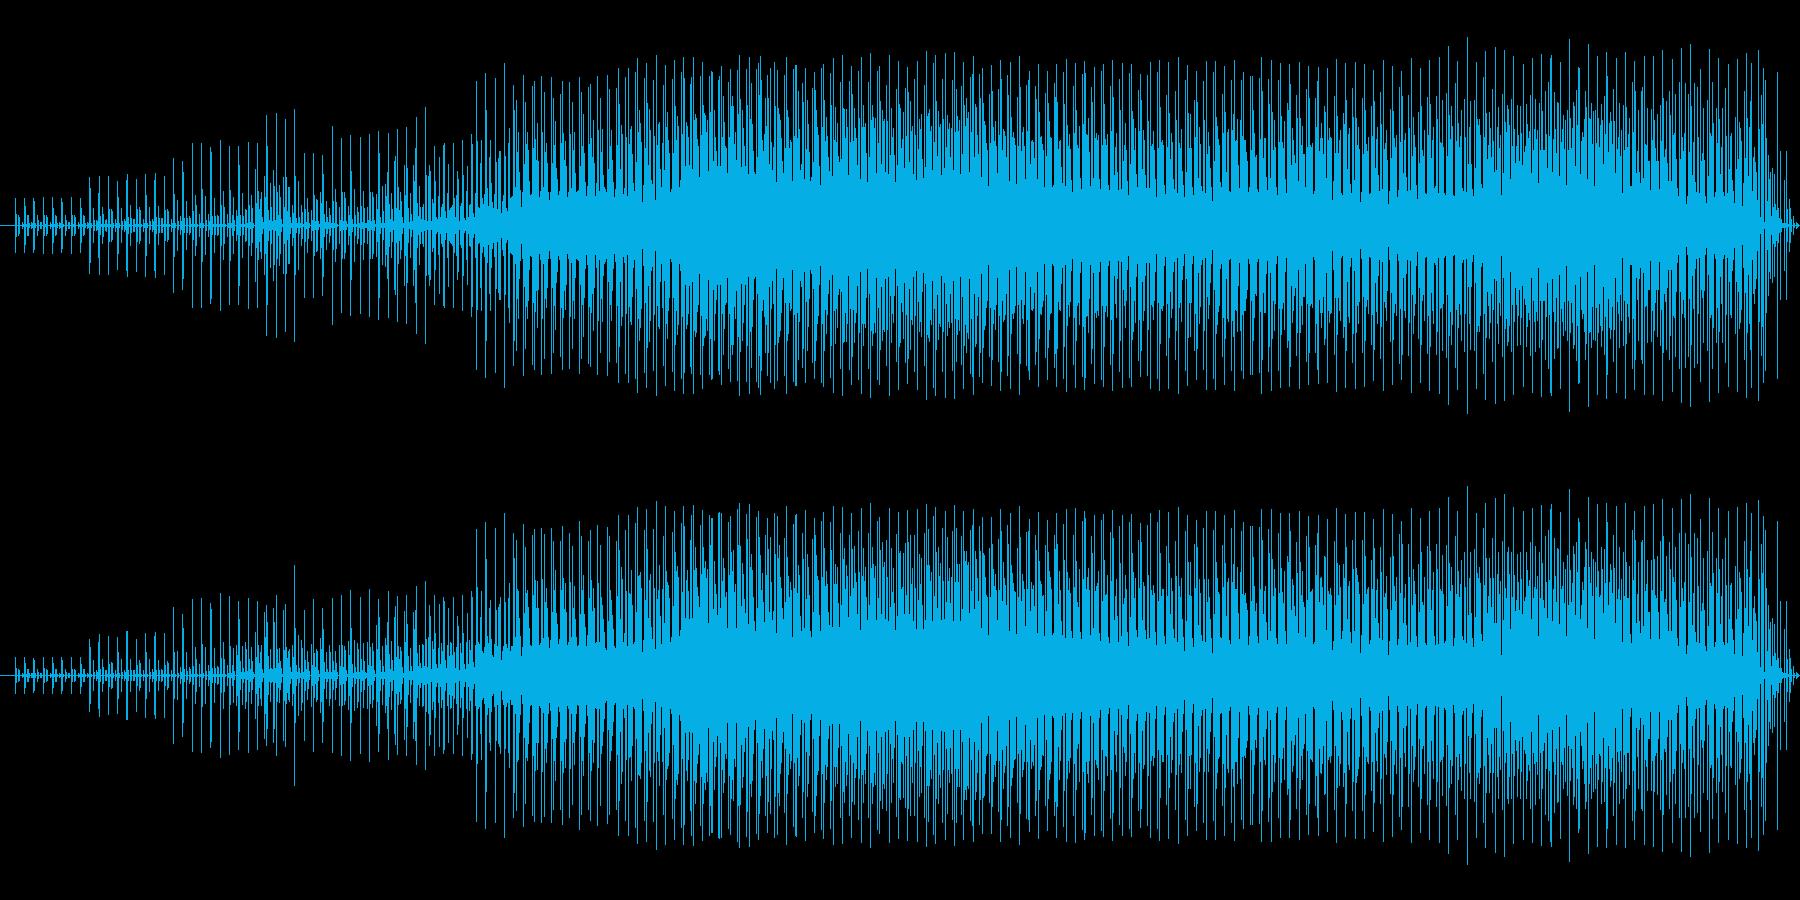 パズルゲーム向きな音楽の再生済みの波形